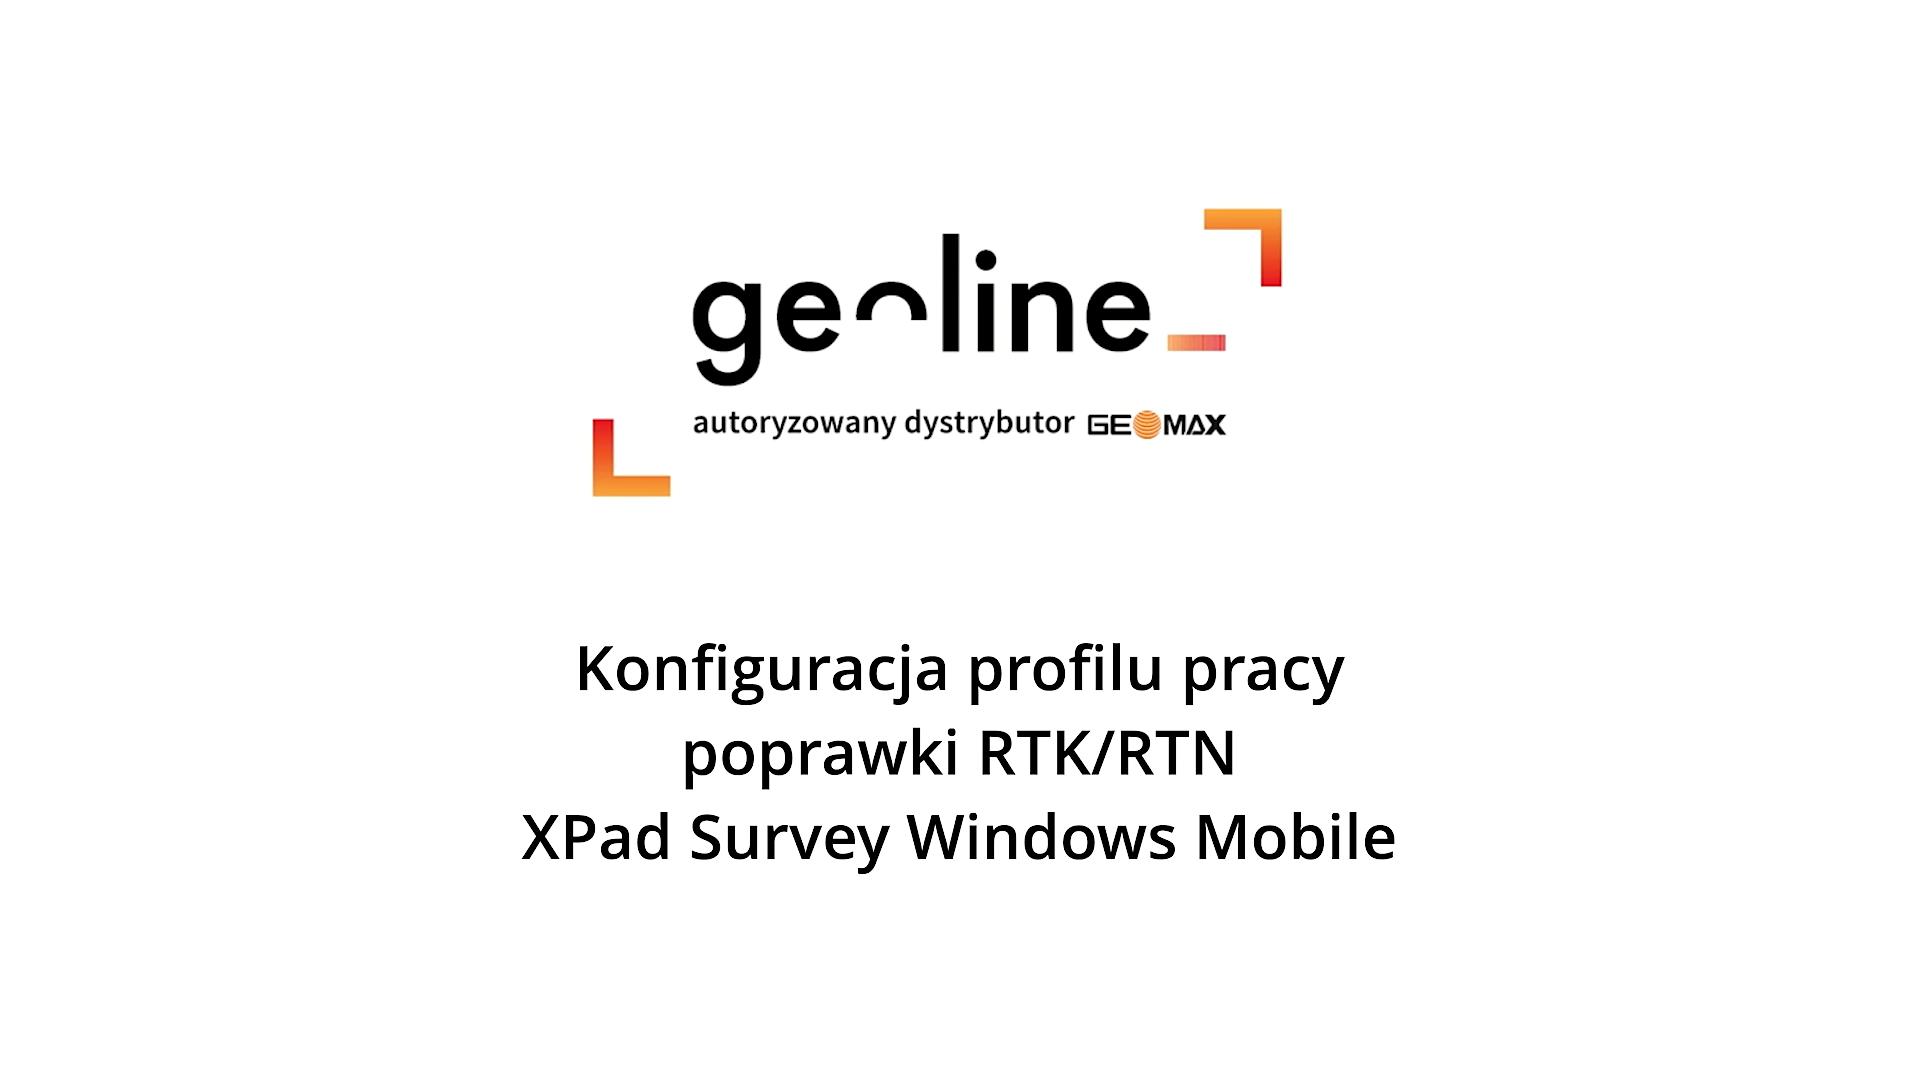 Konfiguracja profilu pracy poprawki RTK:RTN – XPad Survey Windows Mobile